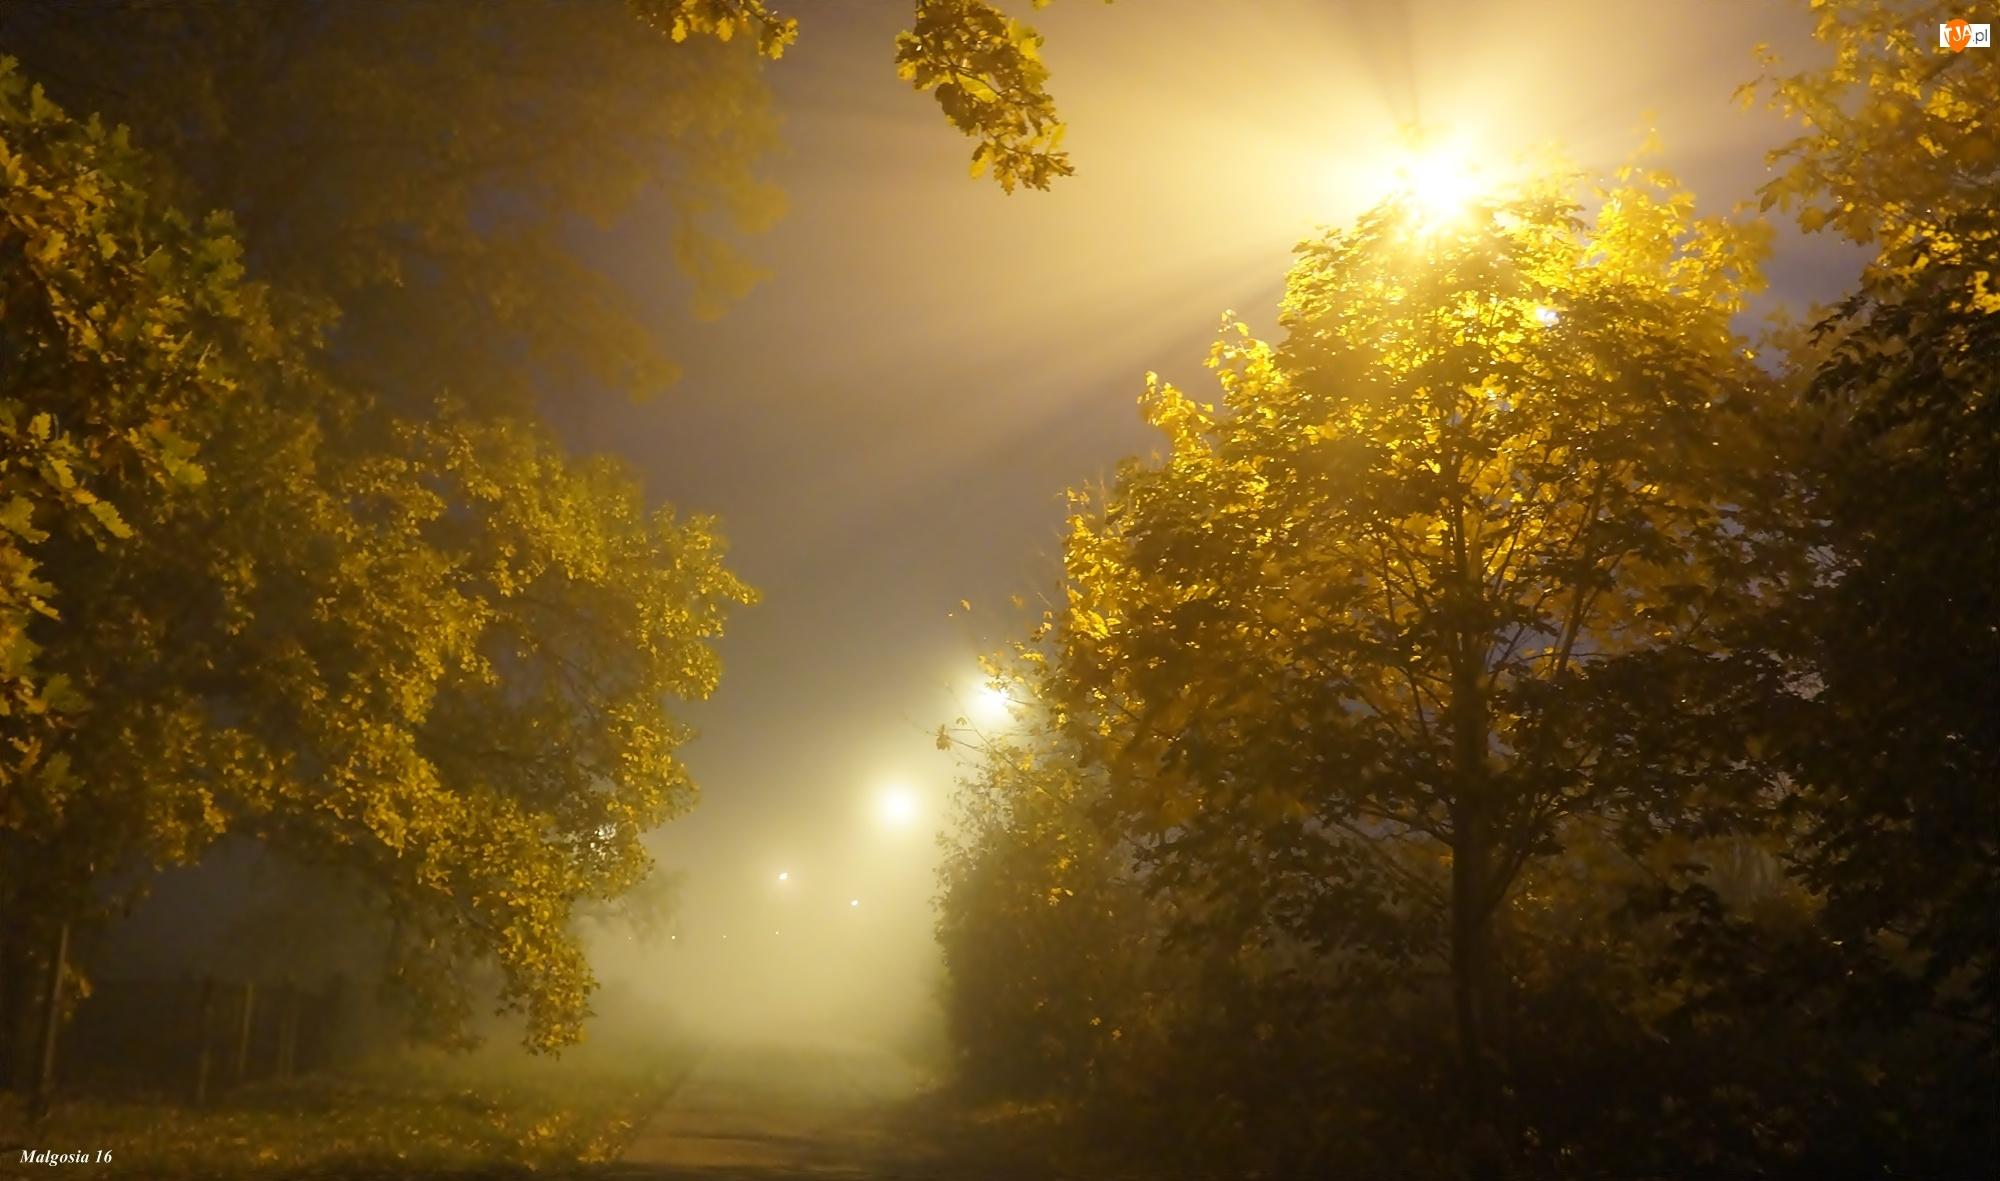 Drzewa, Przebijające Światło, Noc, Mgła